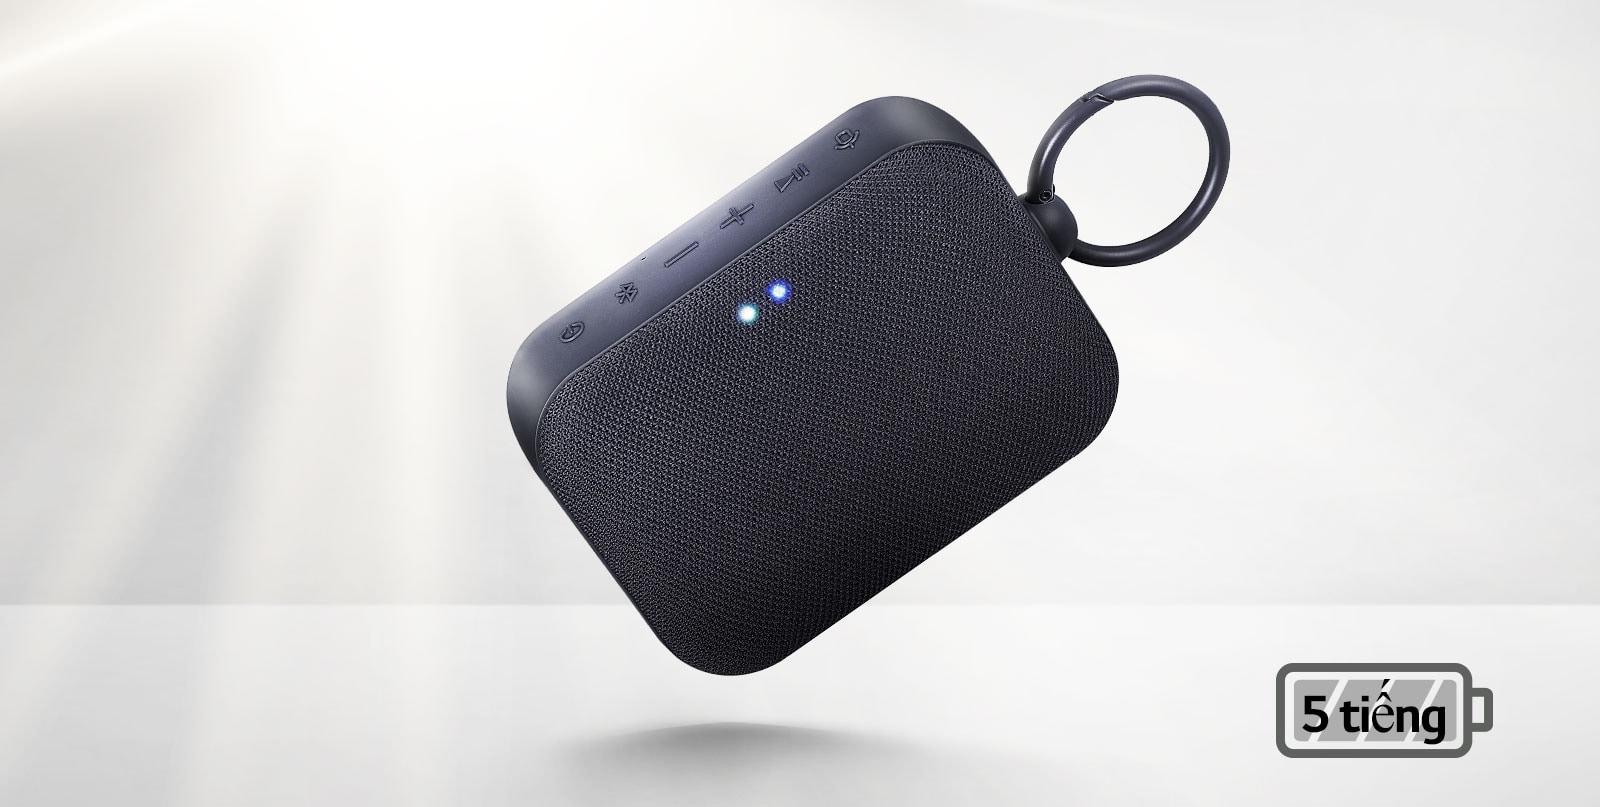 Mặt trước loa LG XBOOM Go đang trôi nổi trong không khí ở góc nghiêng. Ánh sáng chiếu từ phía sau.